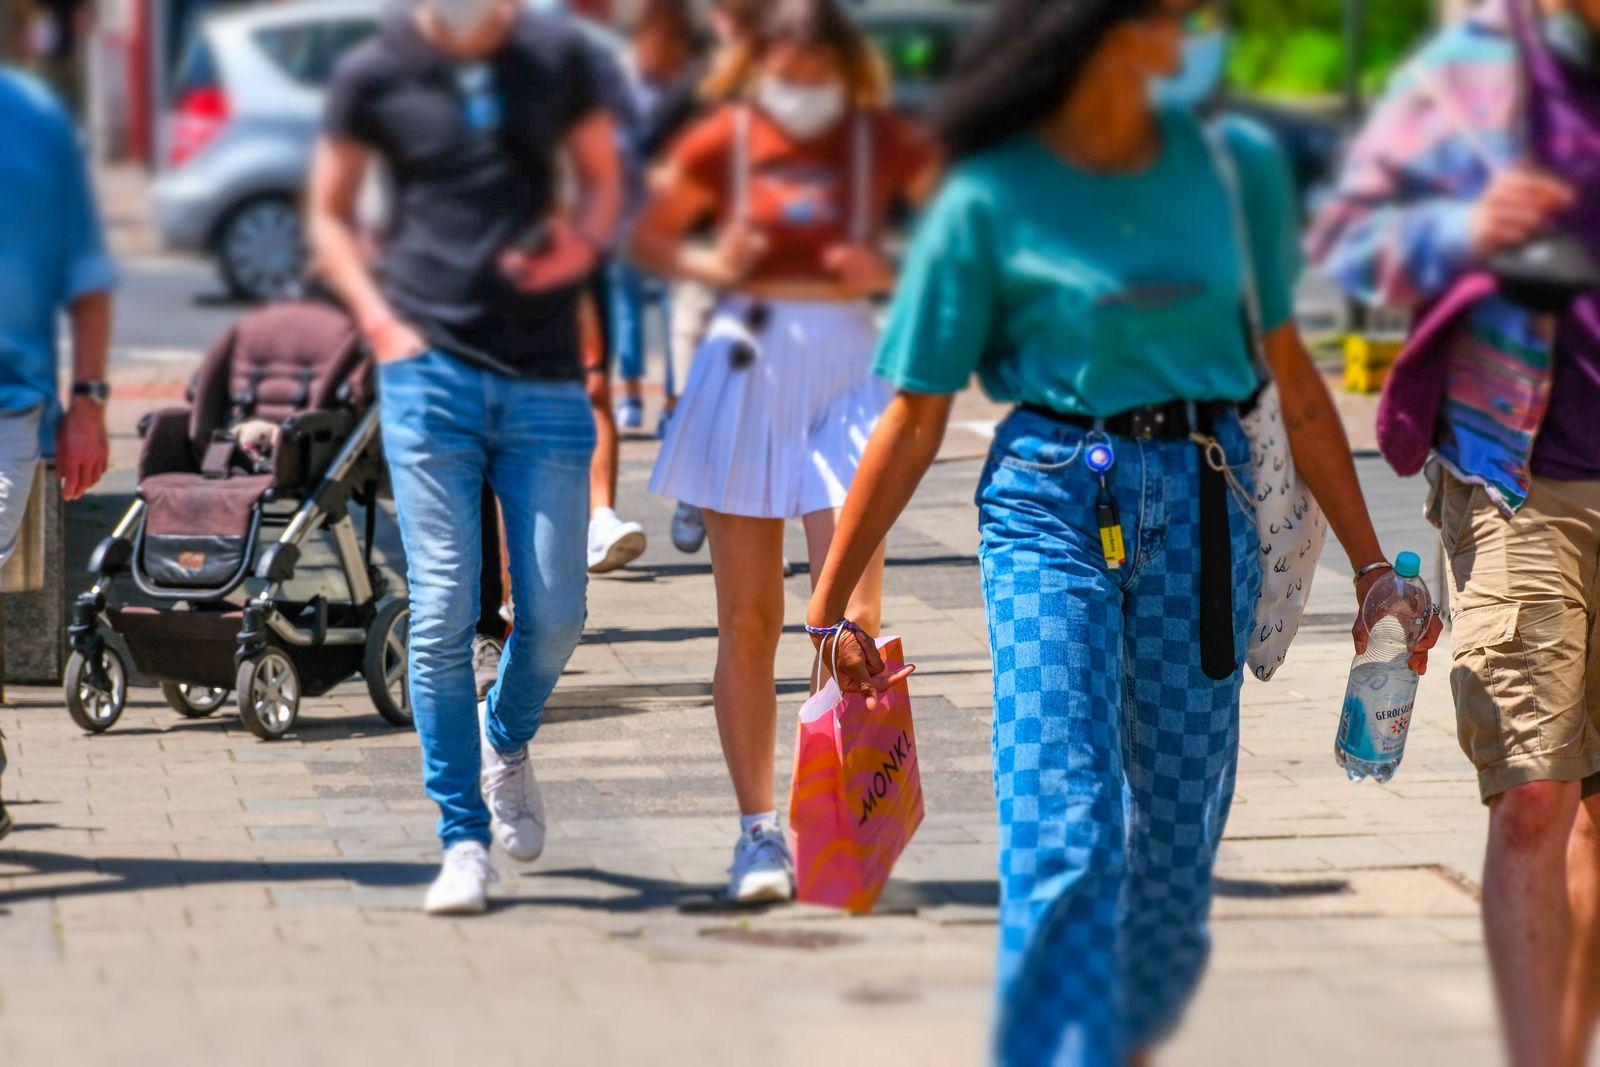 Düsseldorf 31.05.2021 Flinger Strasse Flingerstrasse Einkaufsstrasse Shoppingmeile Einkaufsmeile Corona Pandemie Covid